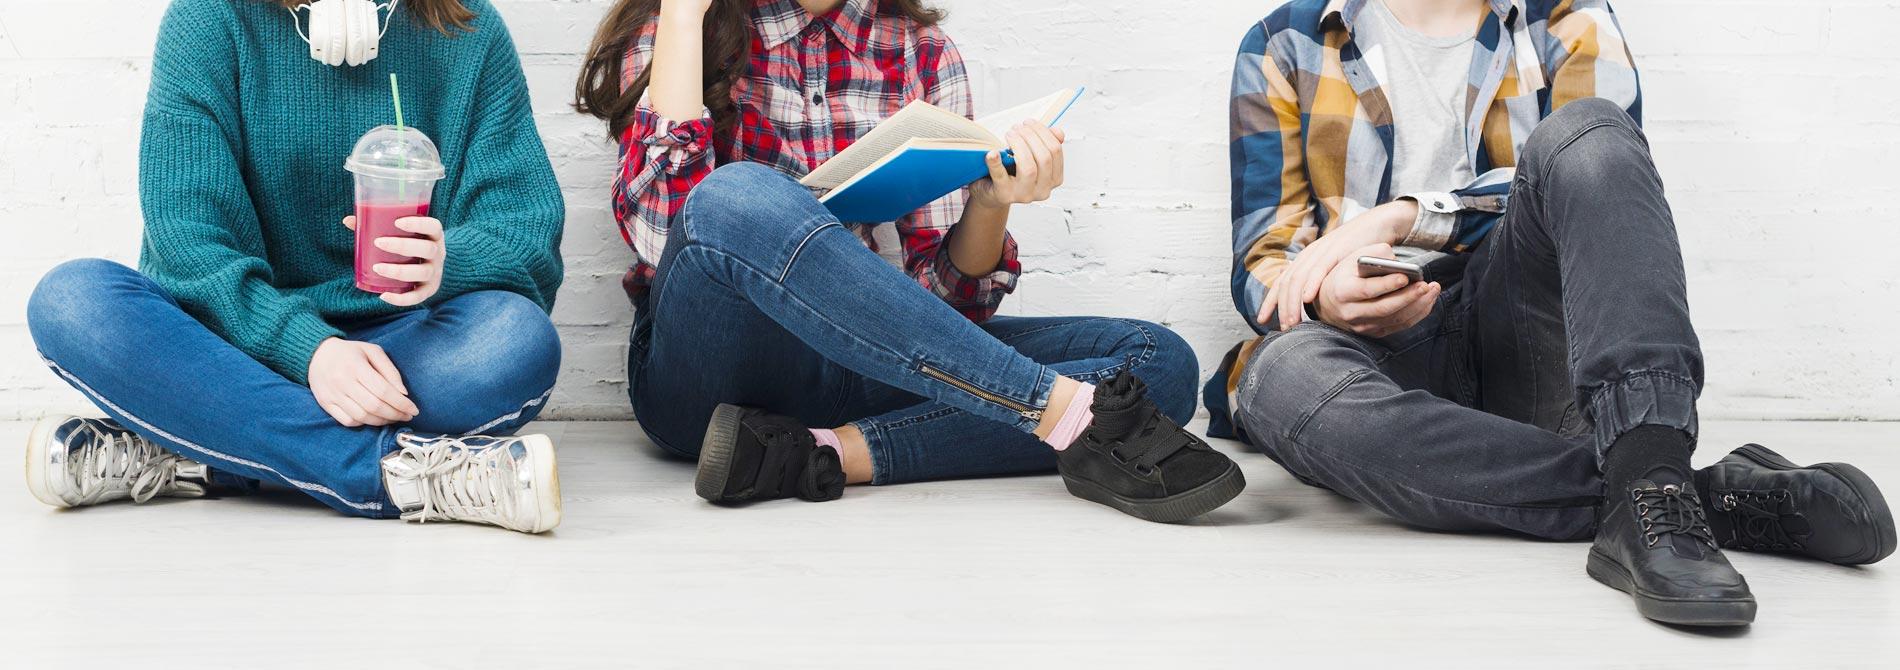 Tres cambios que necesitamos hacer cuando nuestros hijos van camino a la adolescencia